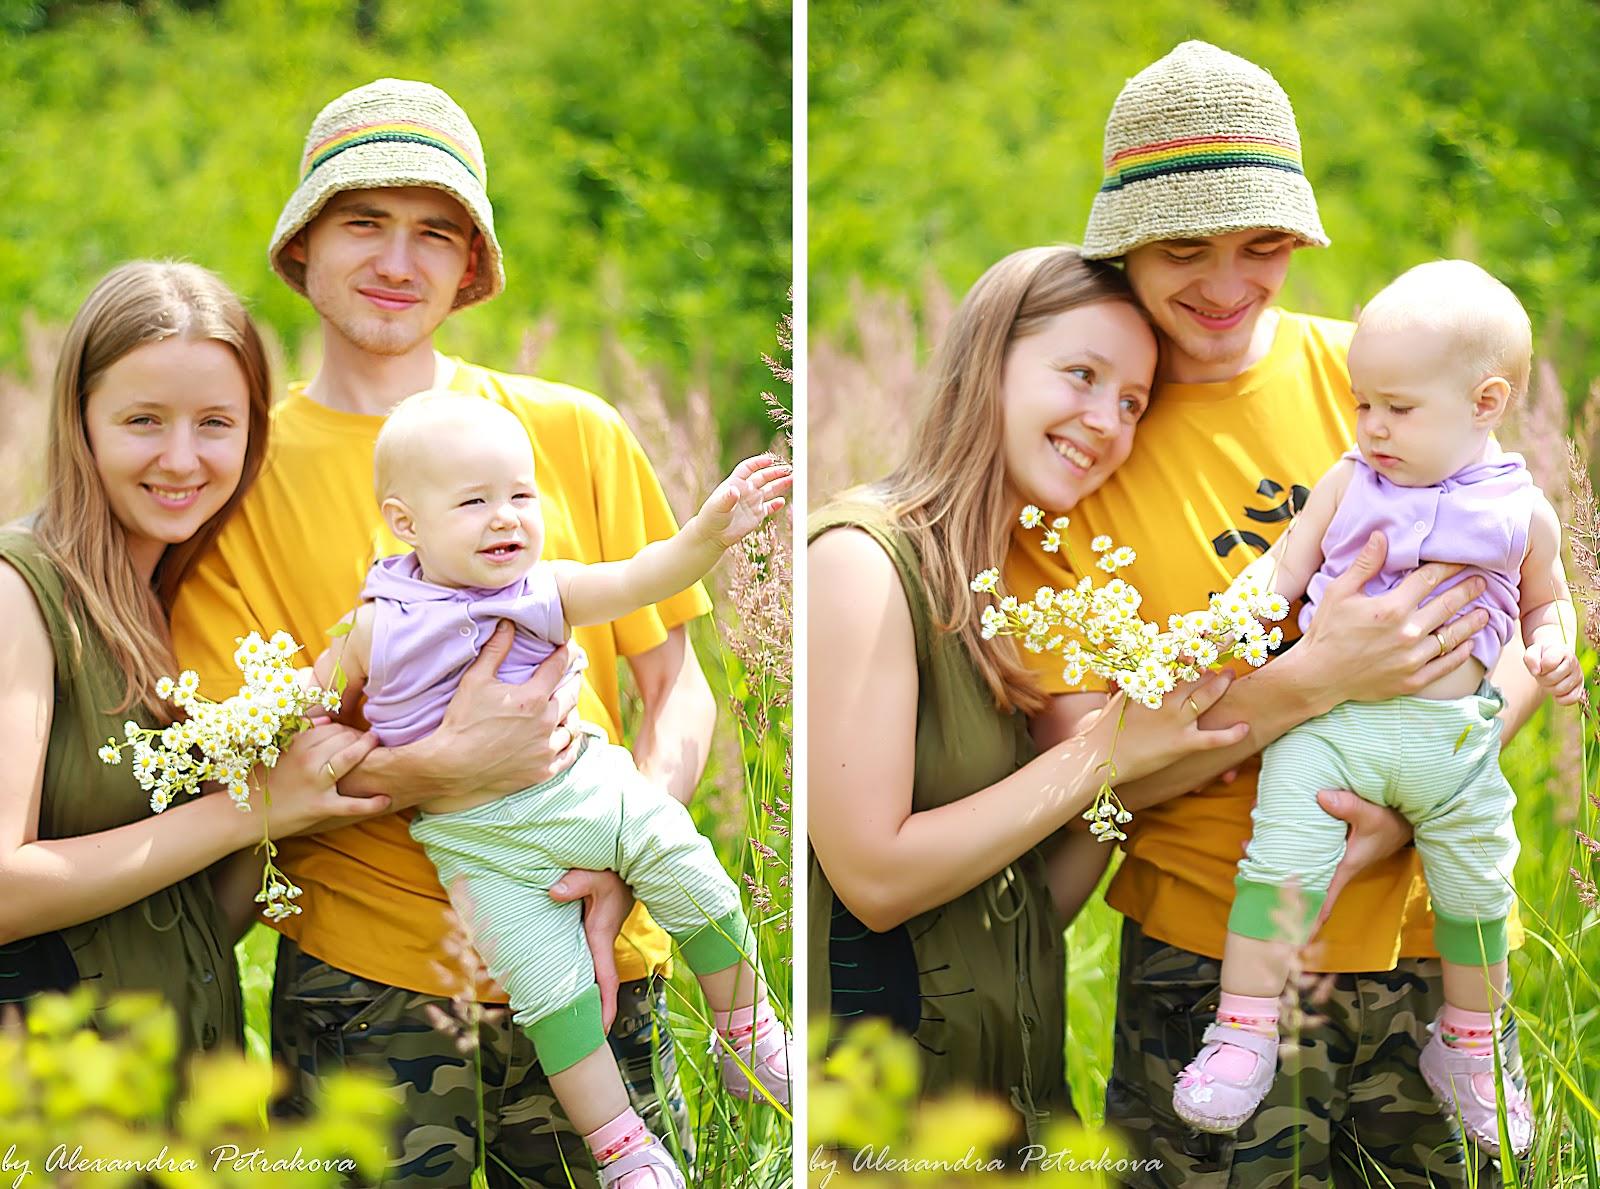 И семейного счастья в красивых полях